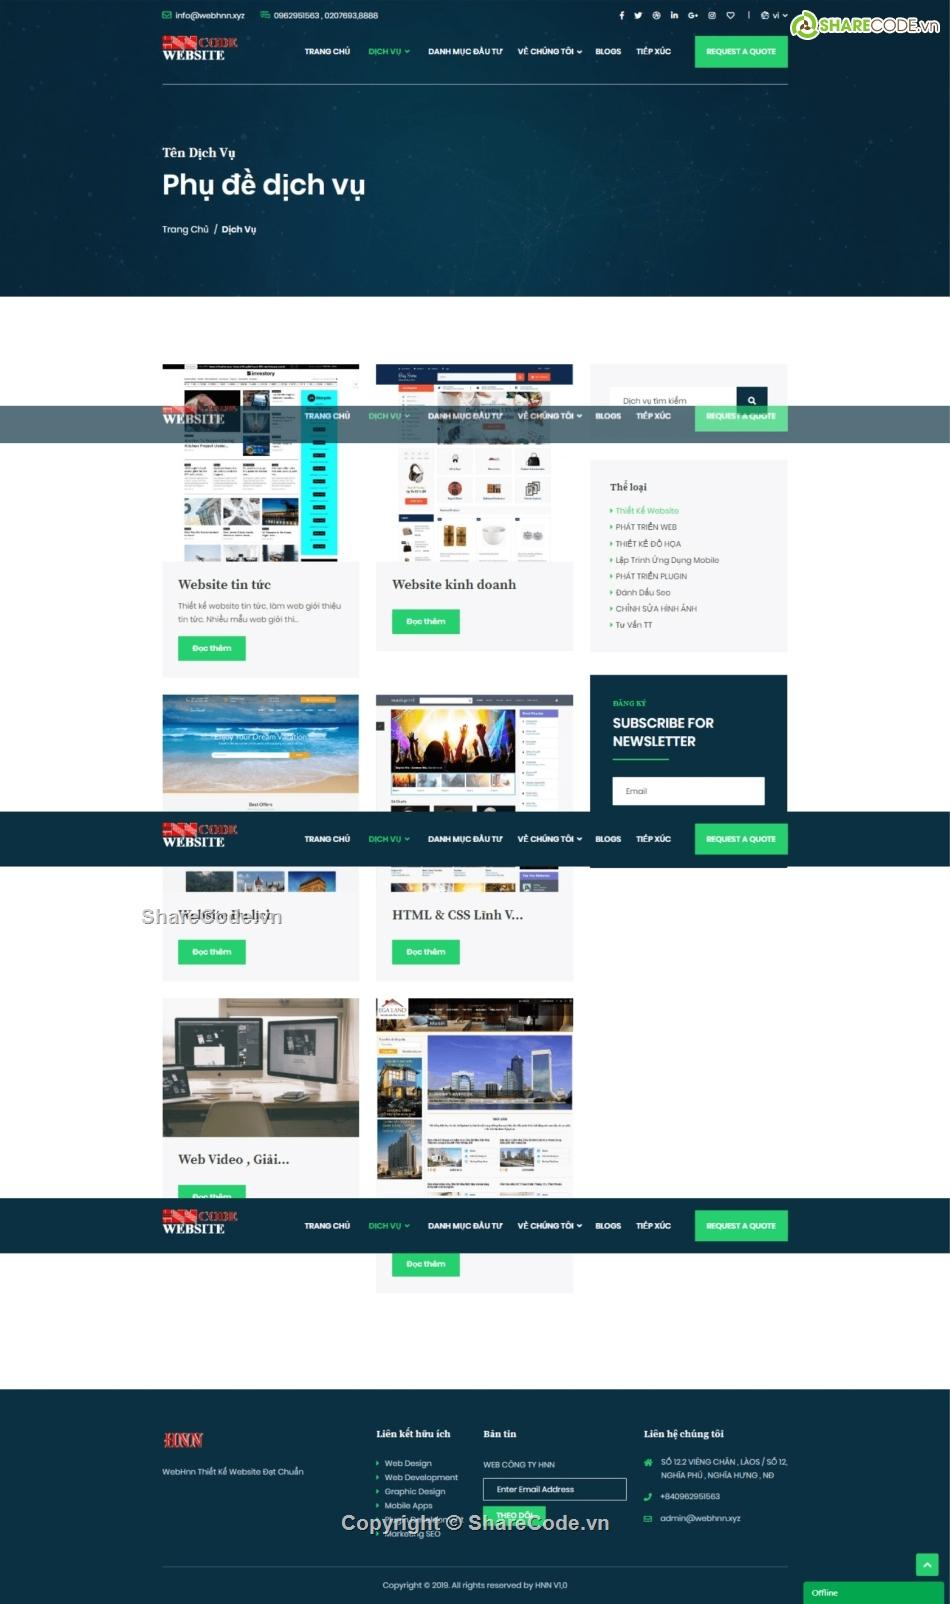 CODE THIẾT KẾ WEBSITE , LẬP TRÌNH ỨNG DỤNG , GIỚI THIỆU SẢN PHẨM CÔNG TY CHUẨN SEO ĐẸP Code-thiet-ke-website-lap-trinh-ung-dung-gioi-thieu-san-pham-cong-ty-chuan-seo-dep-103356